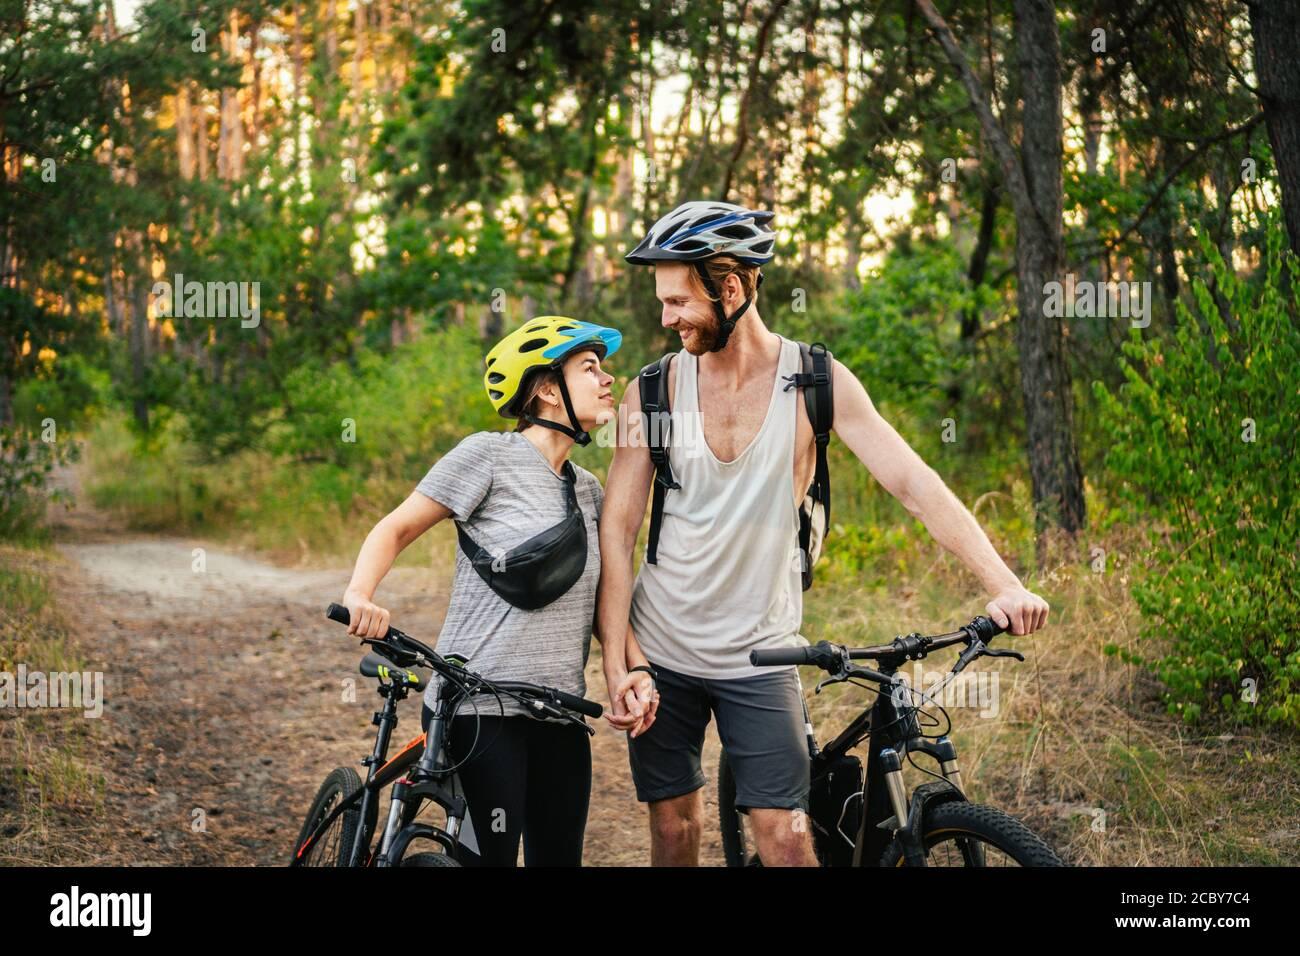 Vélo. Piste VTT MTB en couple. Activités sportives en plein air. Couple avec vélos dans la forêt. Ensemble en vélo dans la campagne. Romantique Banque D'Images